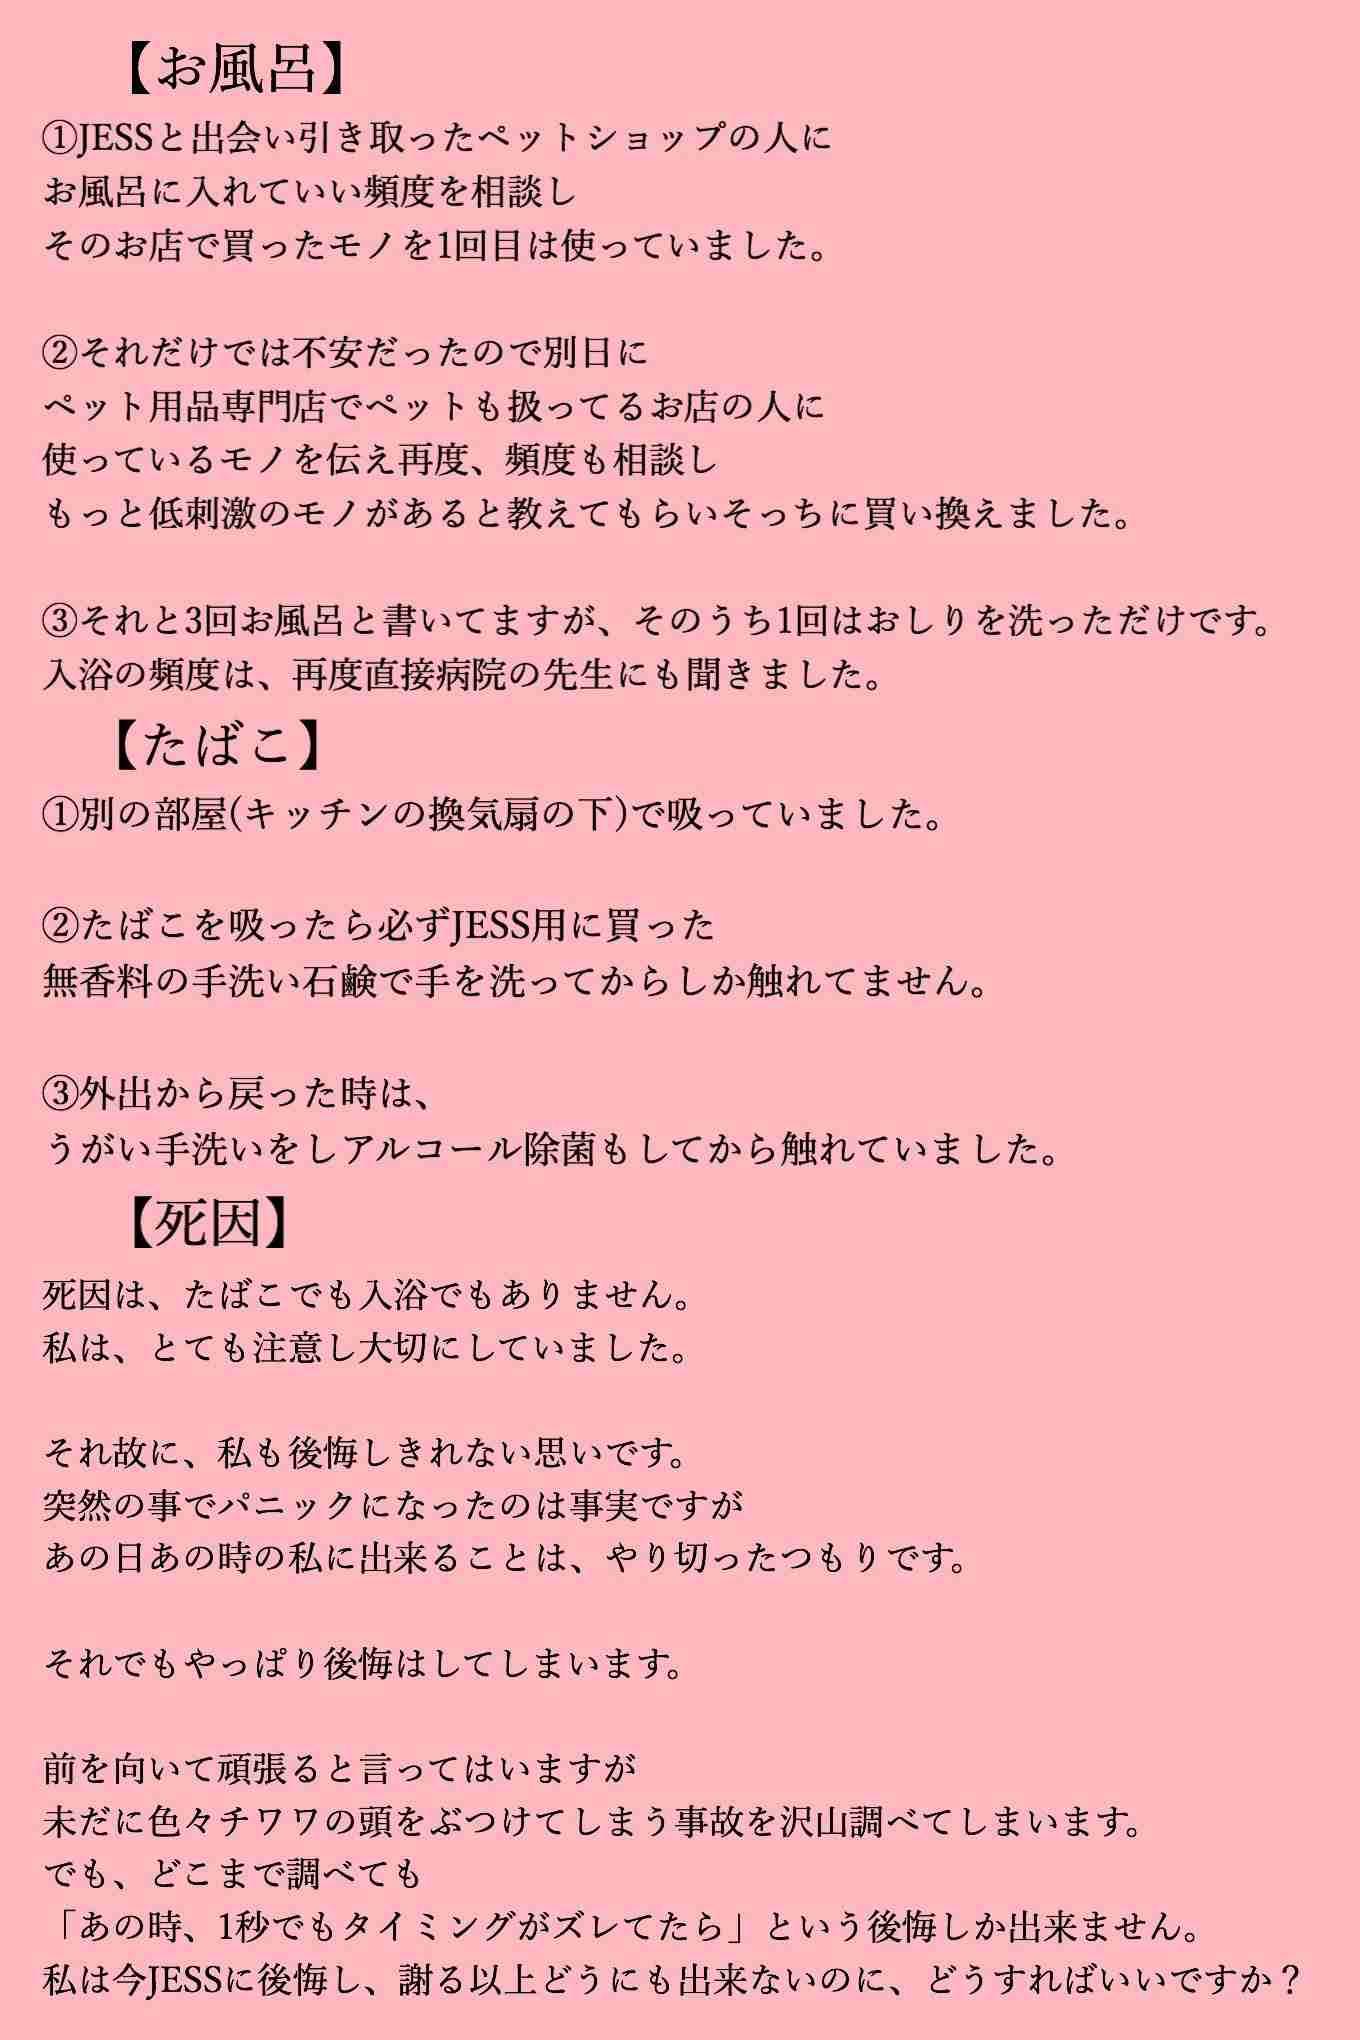 モデル・葉山潤奈「私は犬殺しではありません」 ネット中傷に反論「あれは不慮の事故」